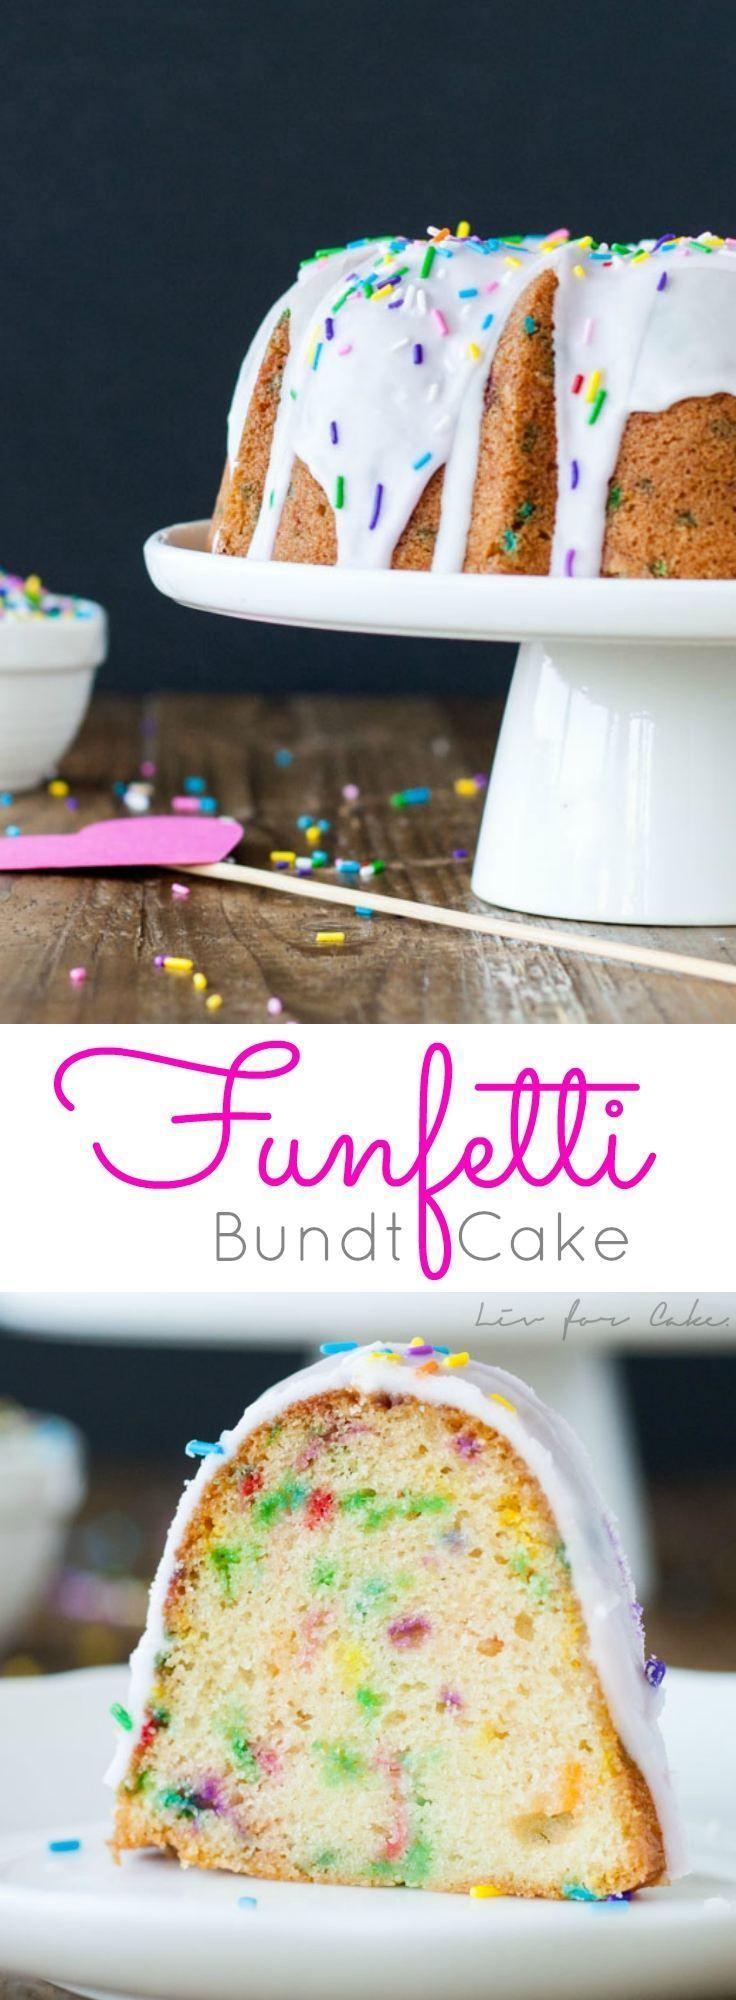 Funfetti bundt cake bundtbakers liv for cake bundt